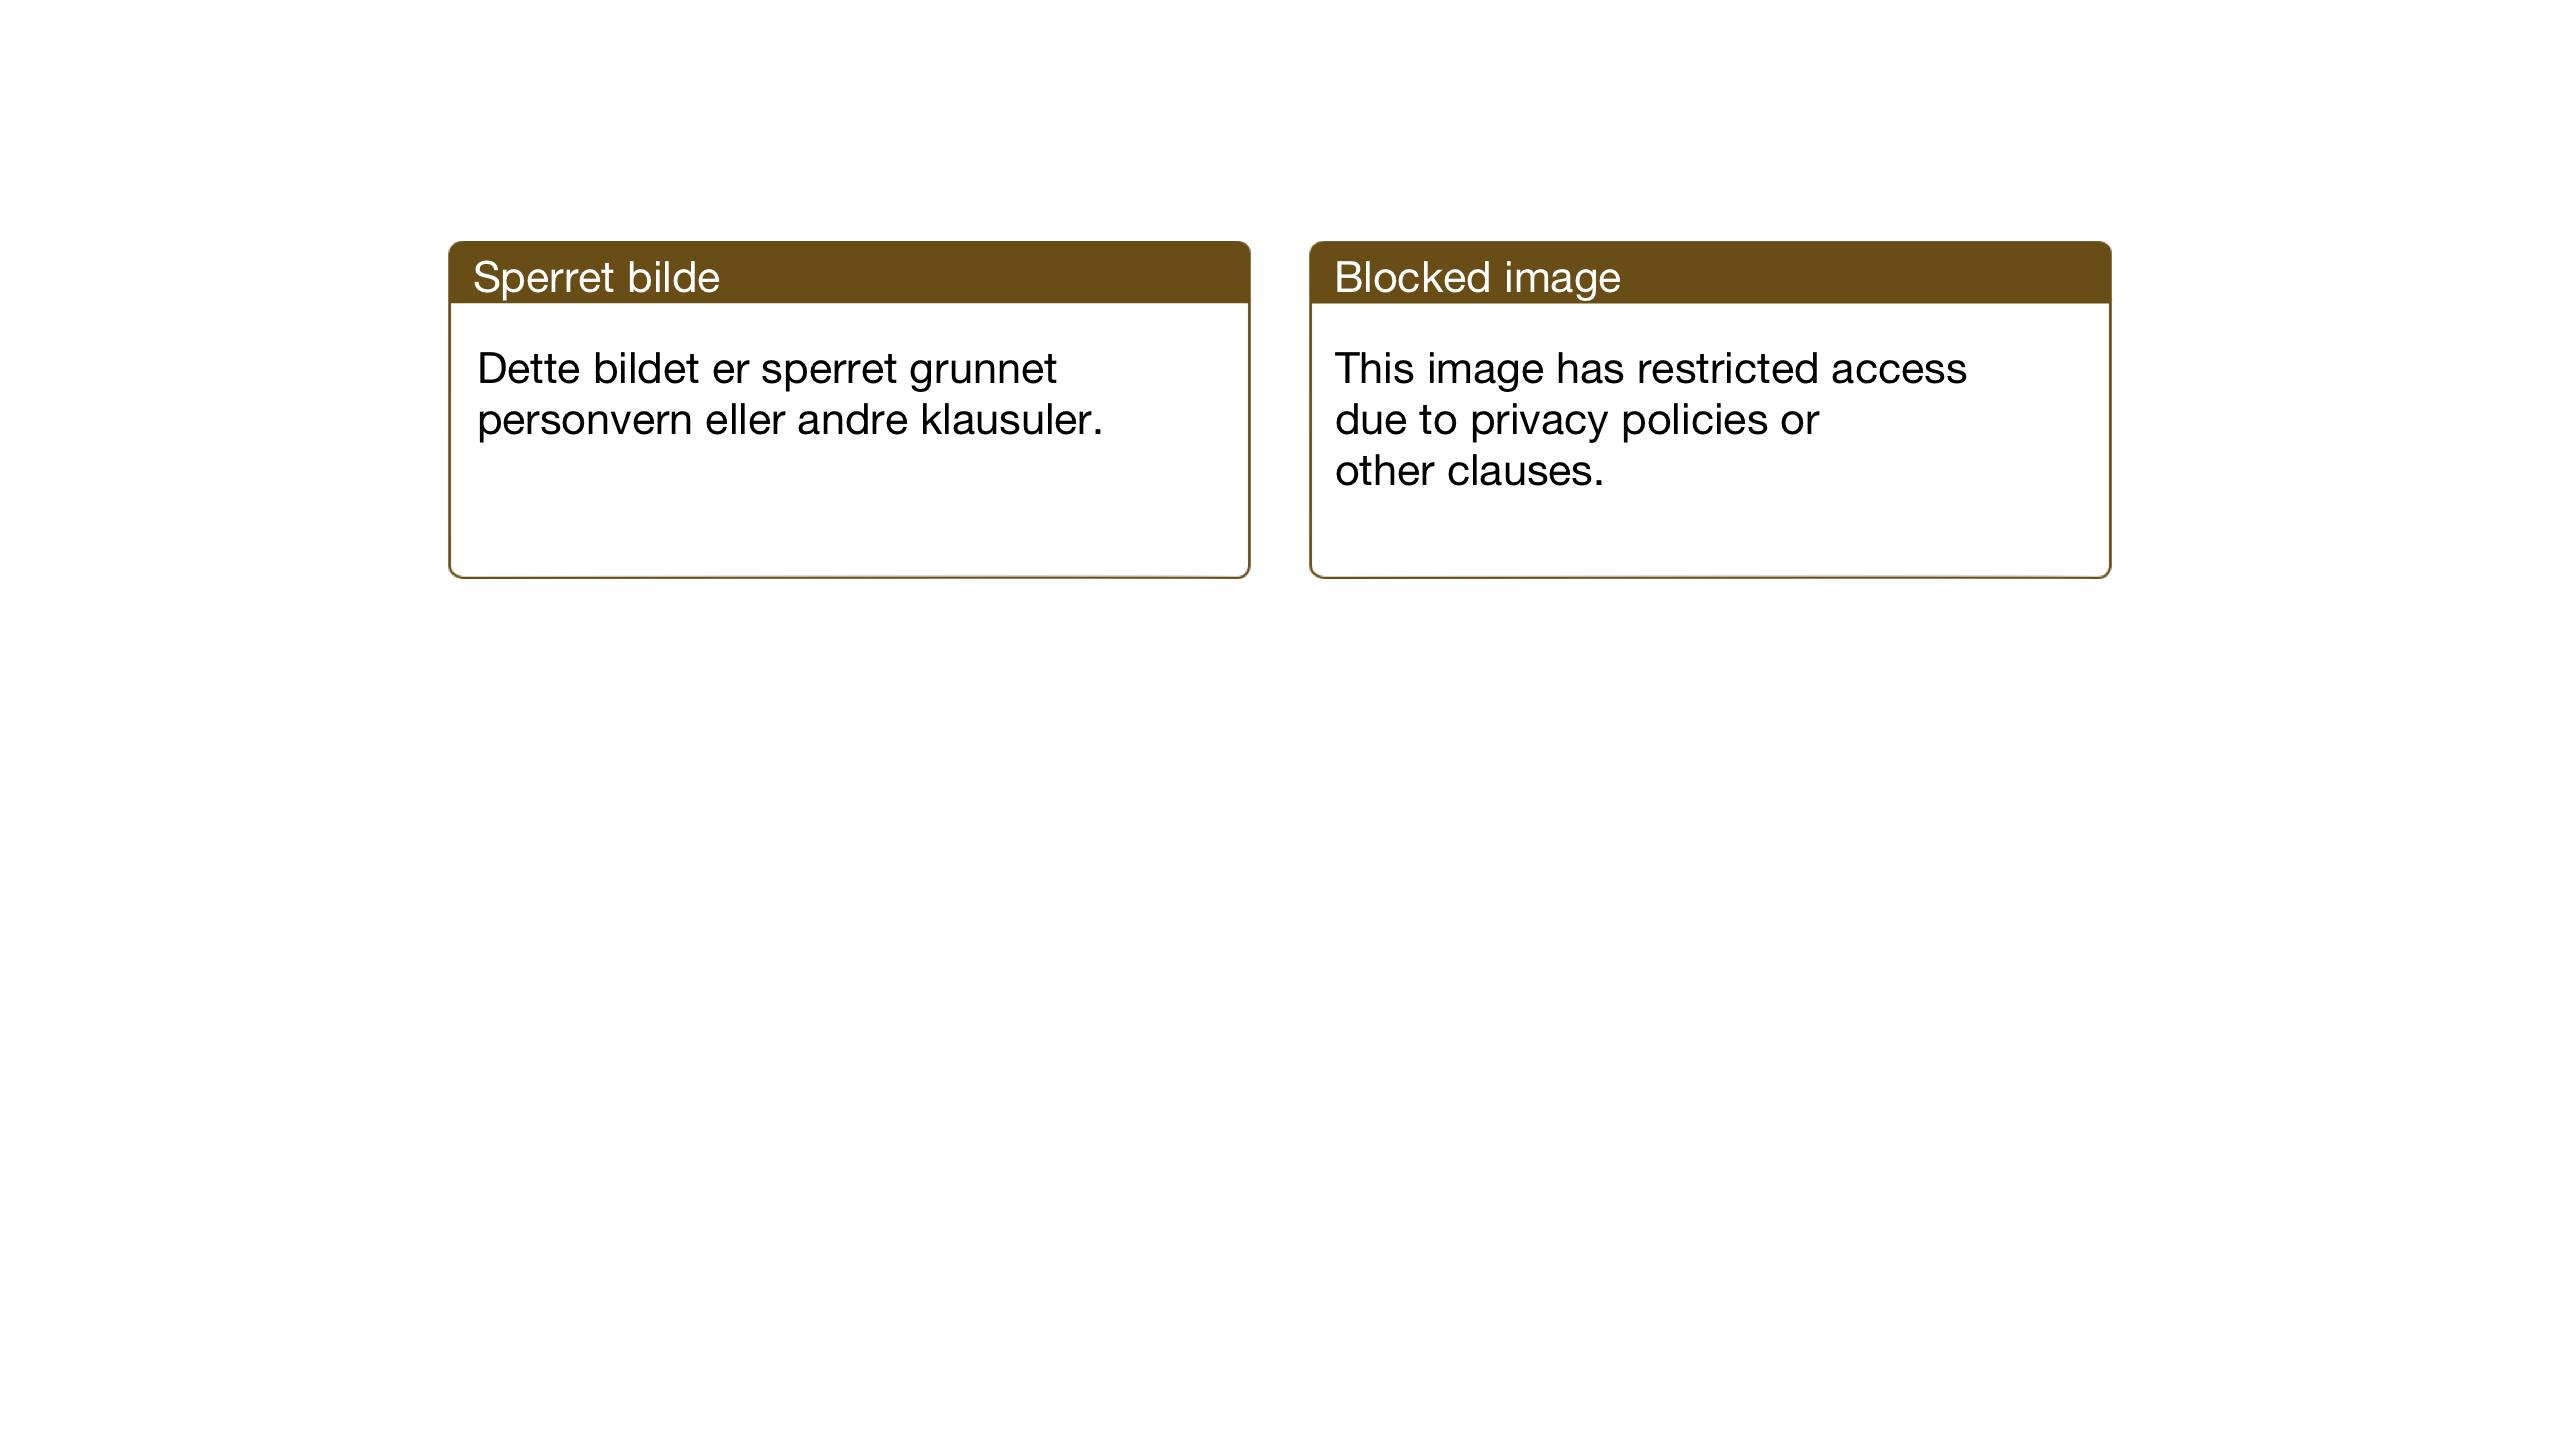 SAT, Ministerialprotokoller, klokkerbøker og fødselsregistre - Nord-Trøndelag, 722/L0227: Klokkerbok nr. 722C03, 1928-1958, s. 22